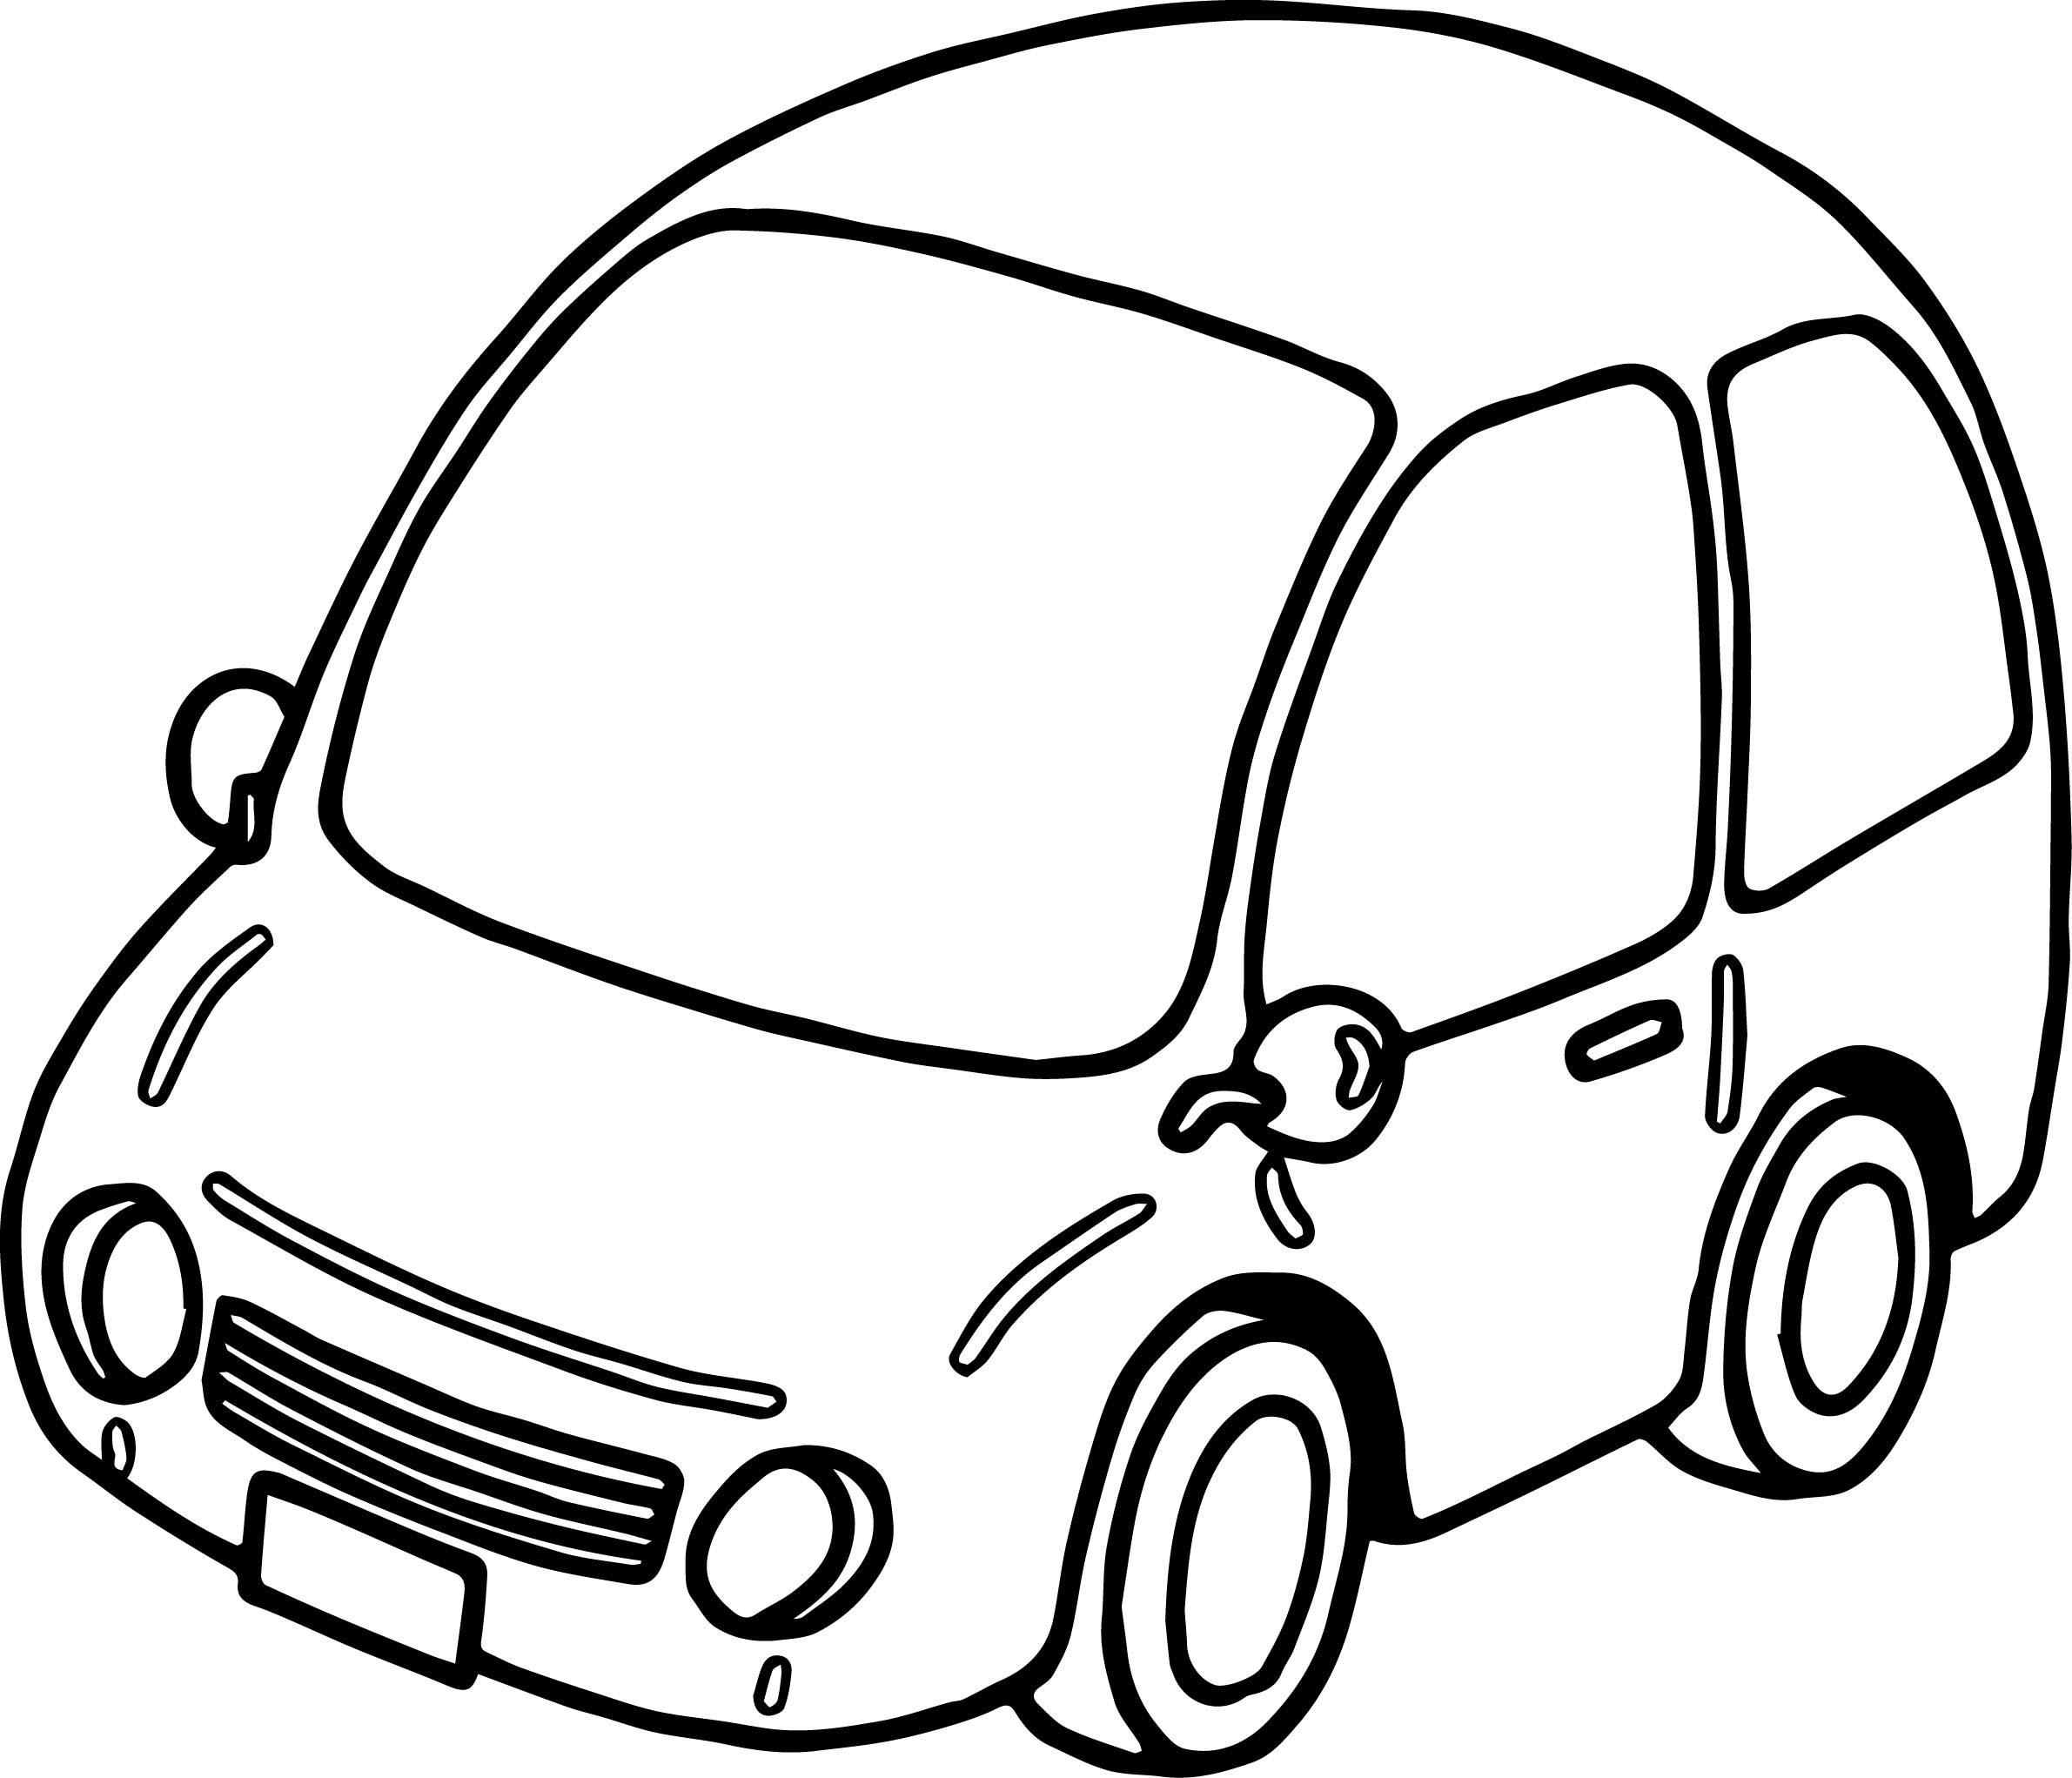 Tranh tô màu ô tô đẹp cho bé tập tô